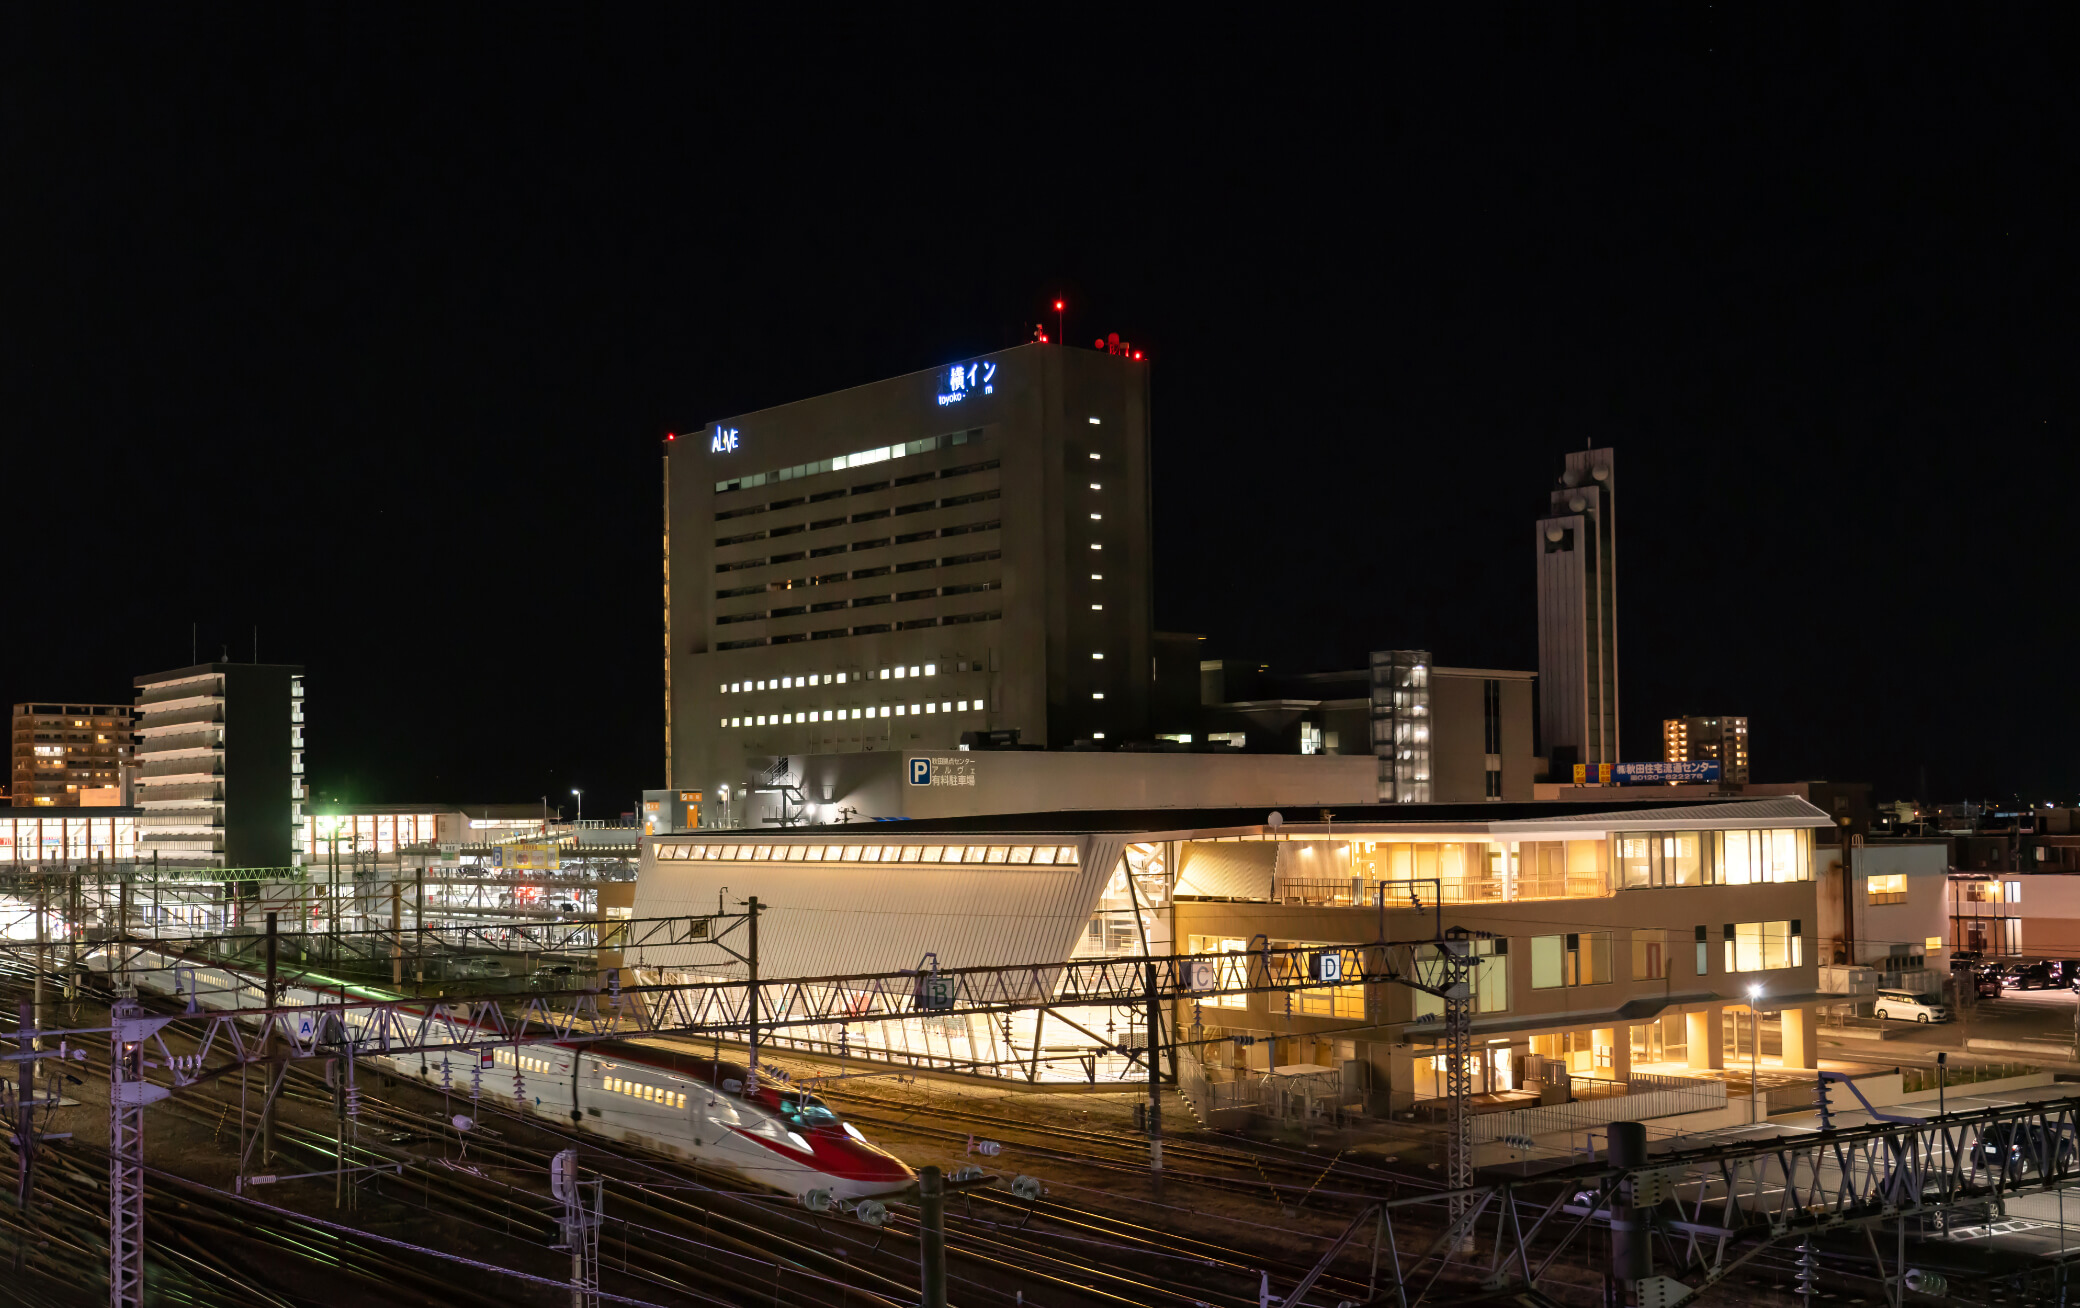 秋田 ノーザン ゲート スクエア